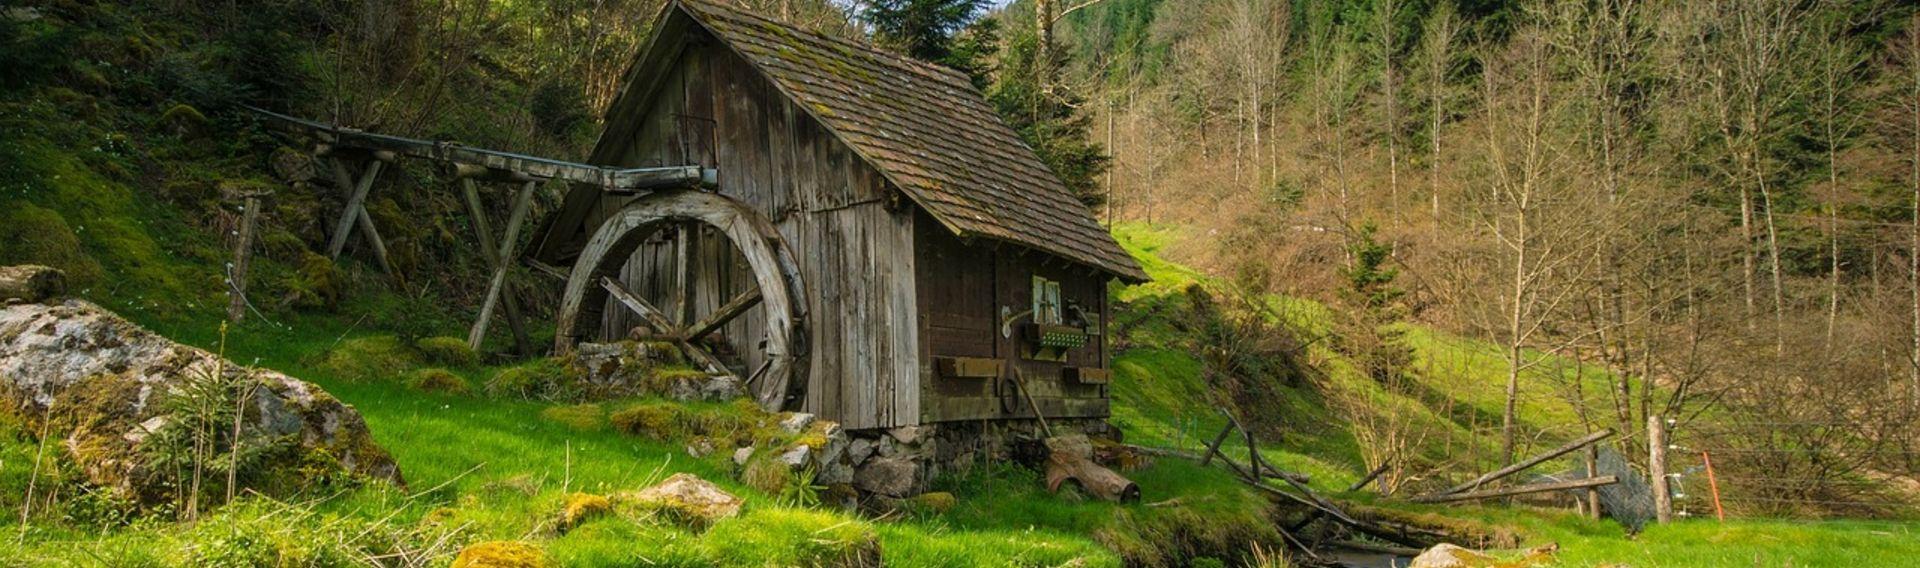 Schwarzwald Tourismus Urlaub mit Hund